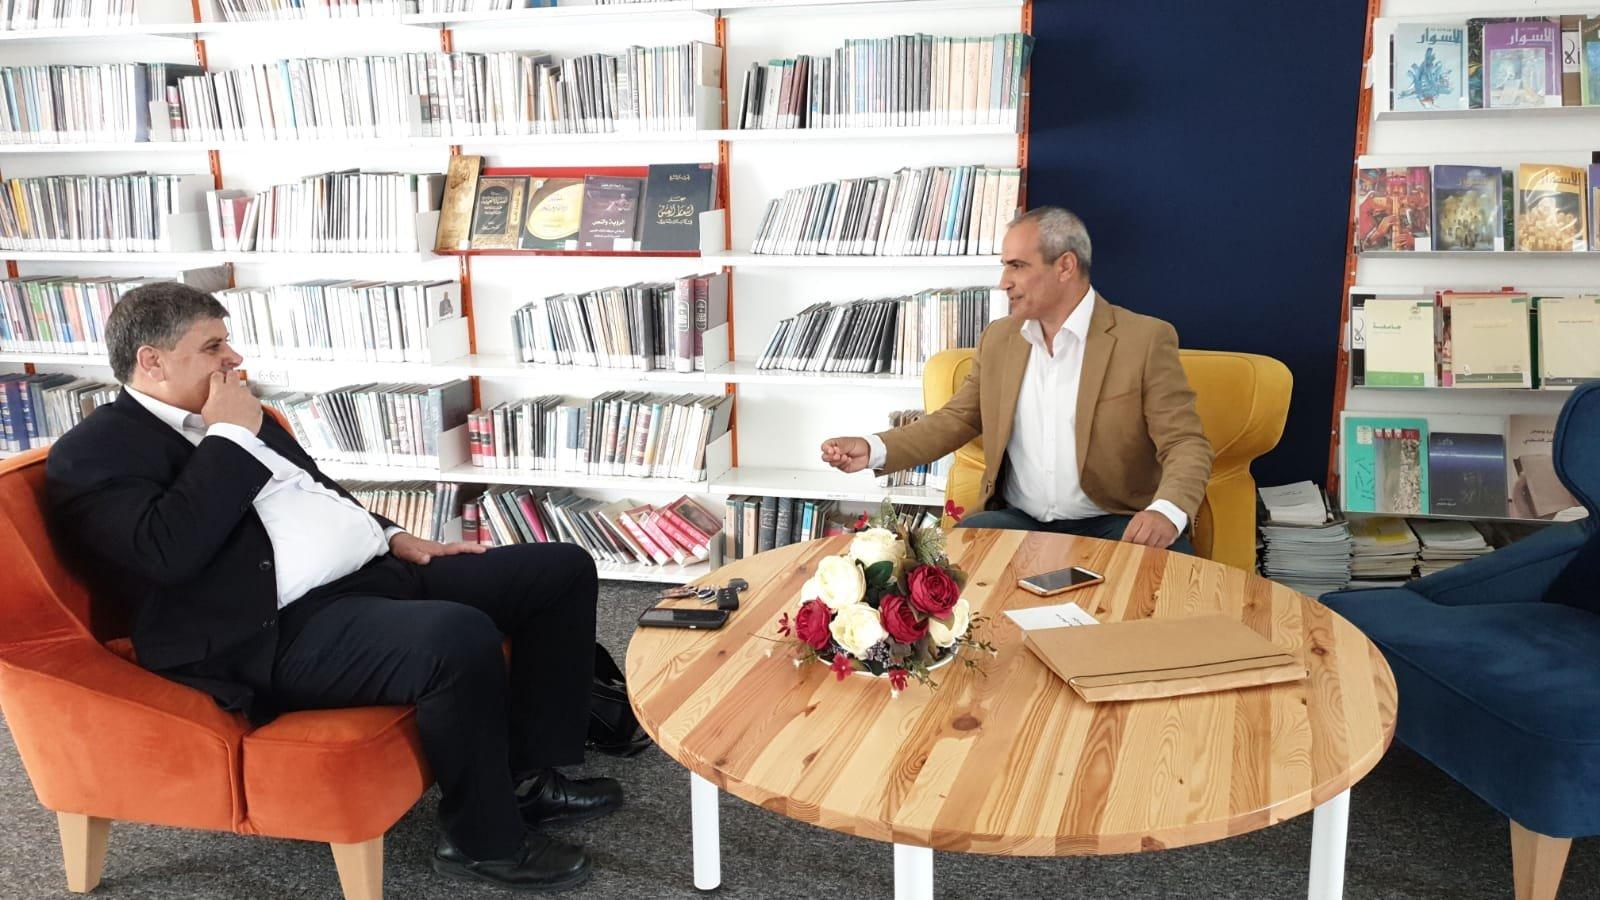 ام الفحم: رئيس البلدية د.سمير صبحي يتواجد في المكتبة العامة ويستقبل الطلاب